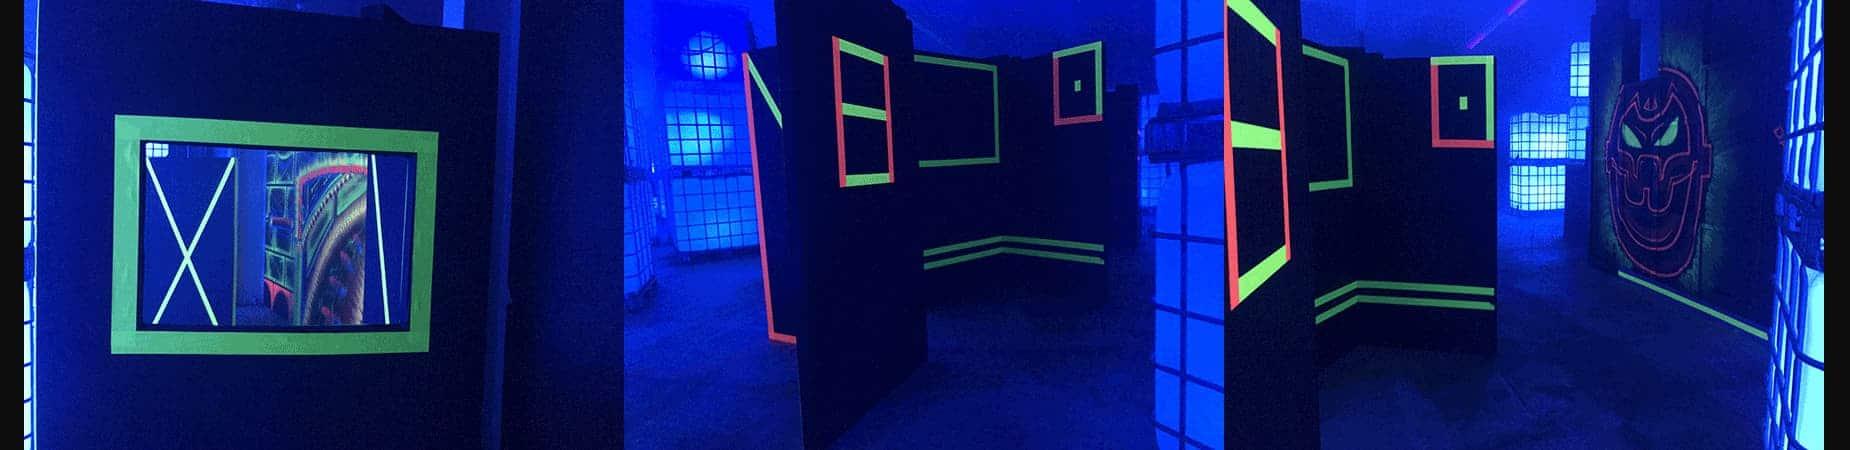 LaserTag bei Herten spielen